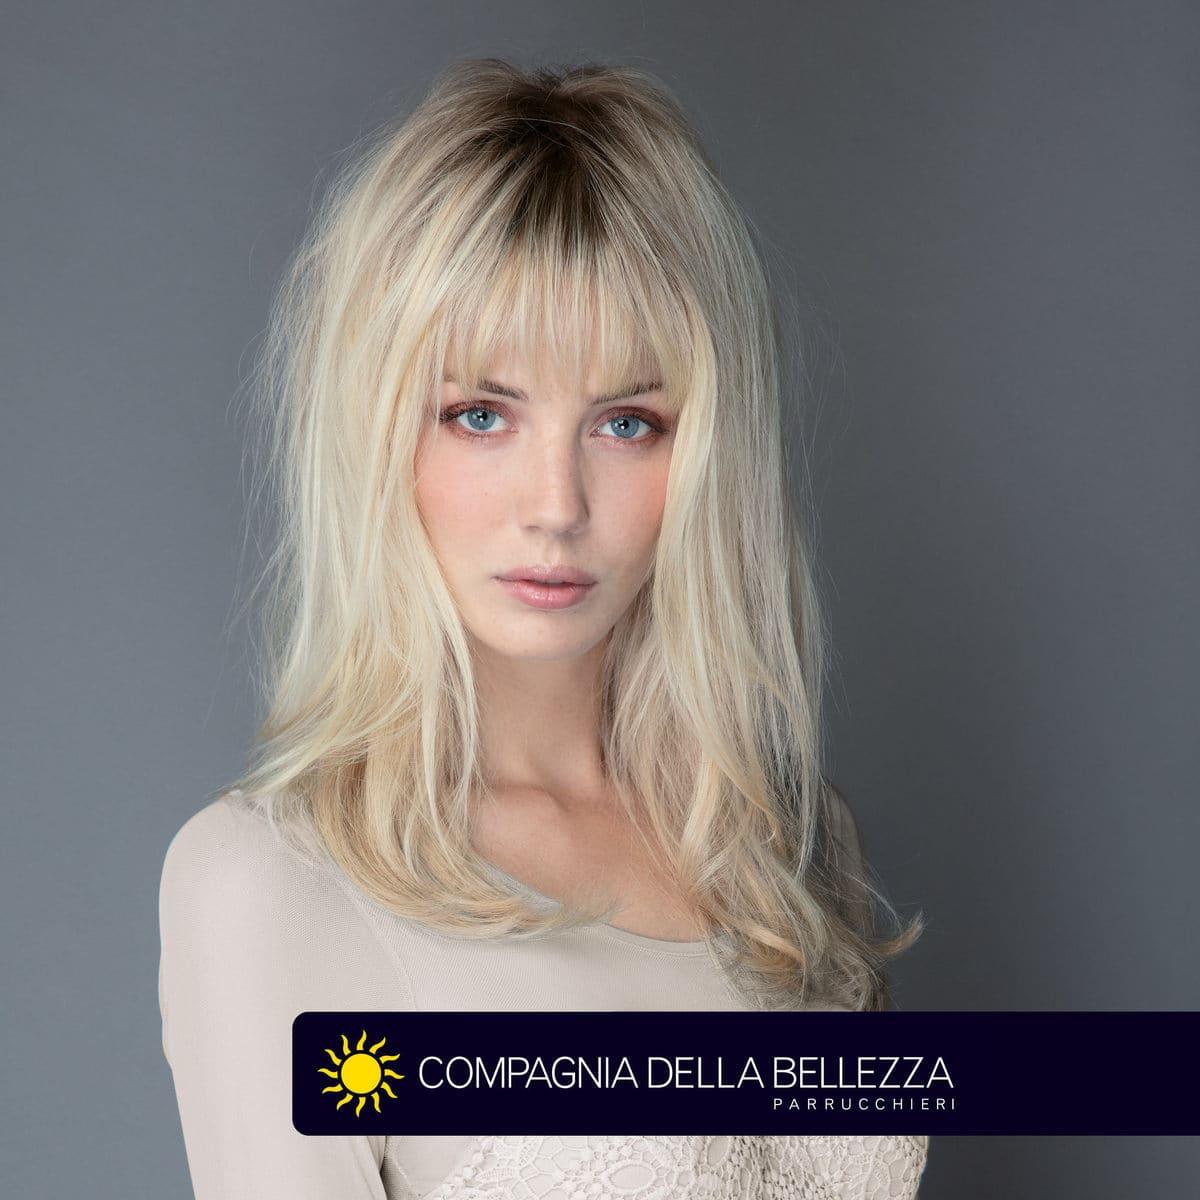 Tagli Capelli Lisci Corti Medi E Lunghi Compagnia Della Bellezza